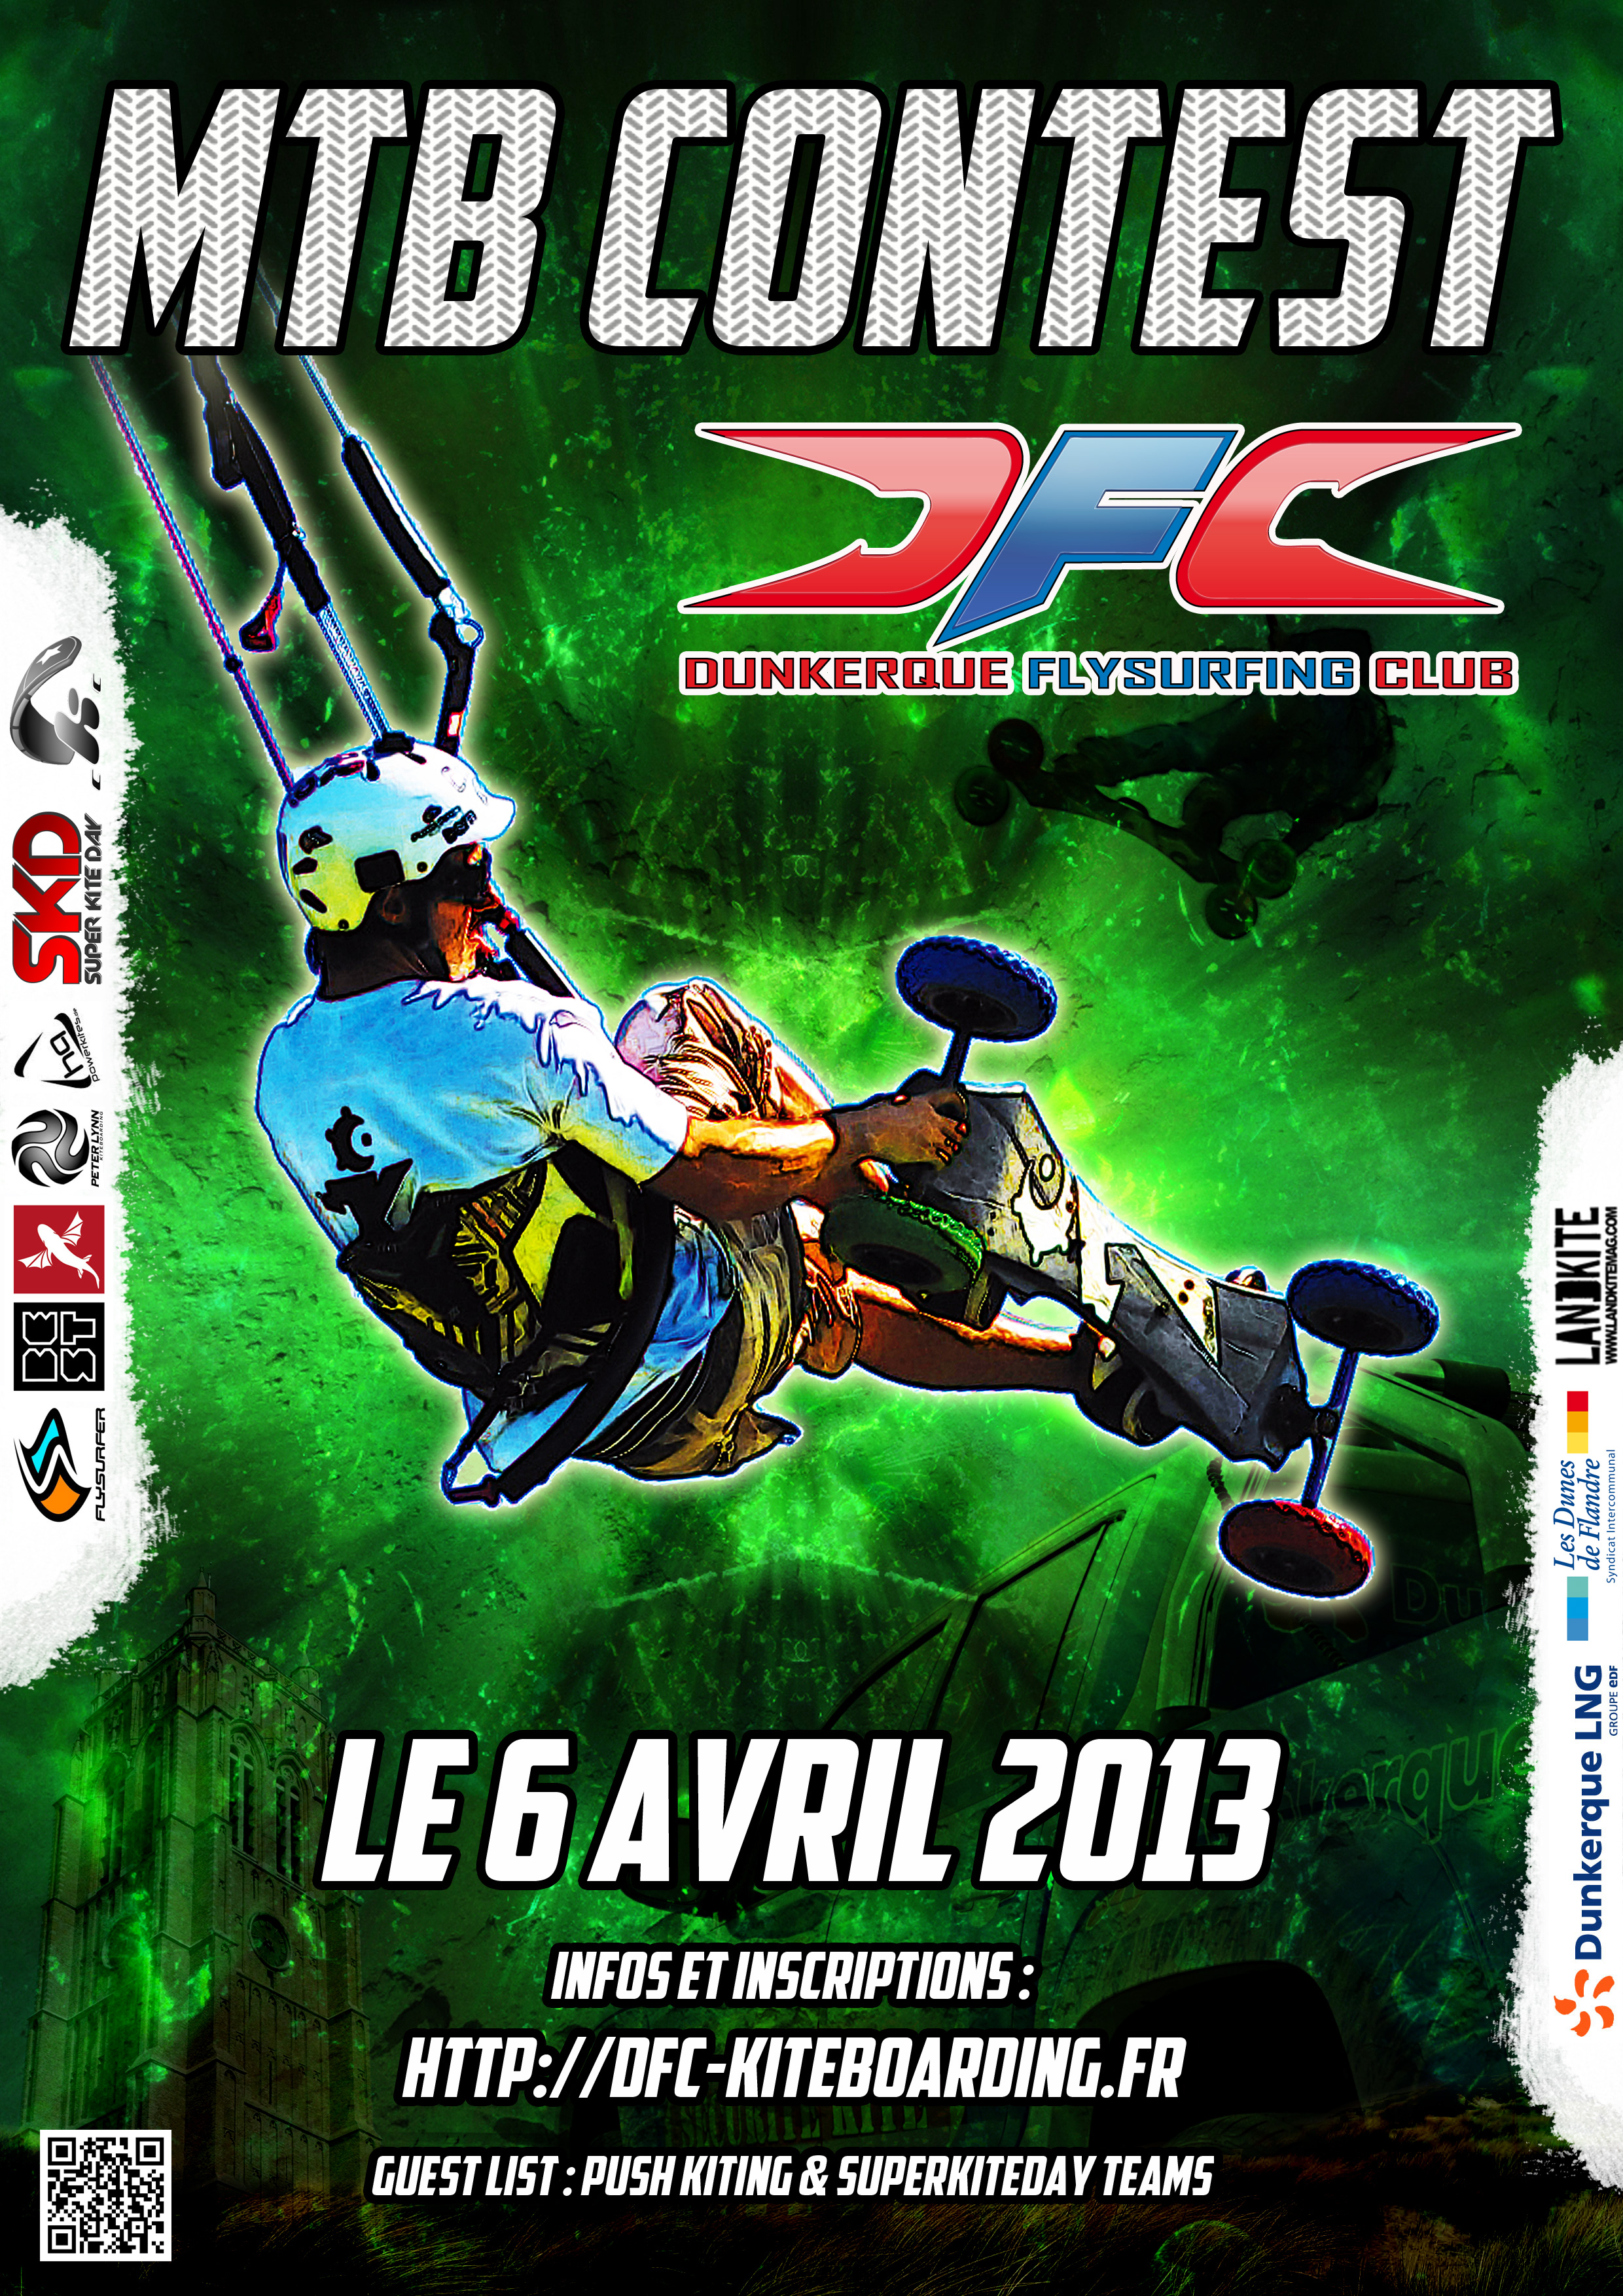 Affiche MTB Contest 2013